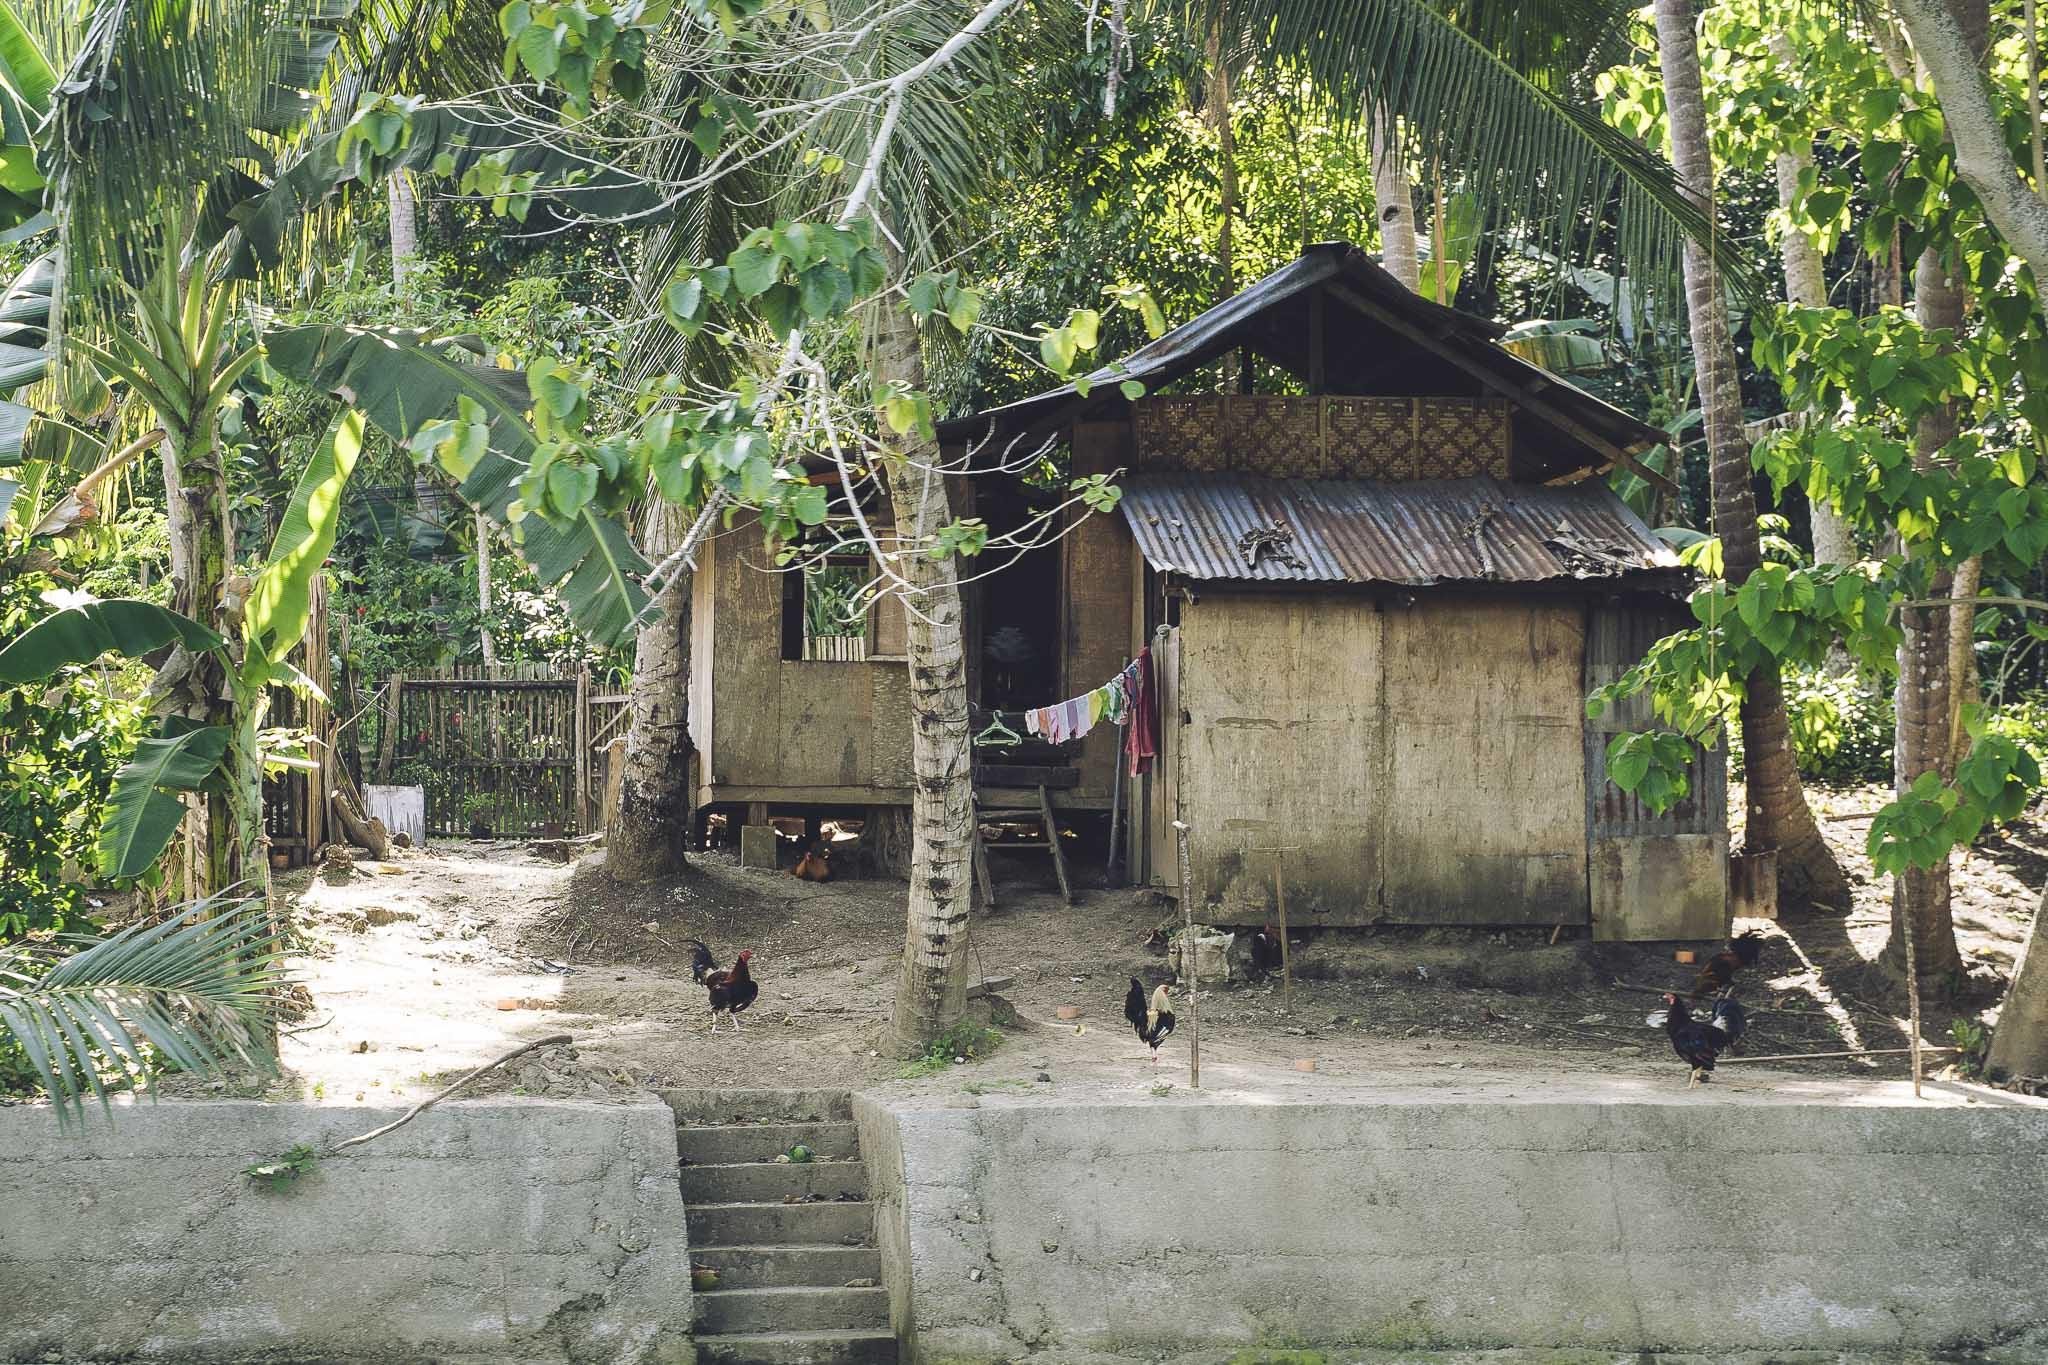 Domy jak ten to niestety wciąż typowy widok na filipińskiej wsi